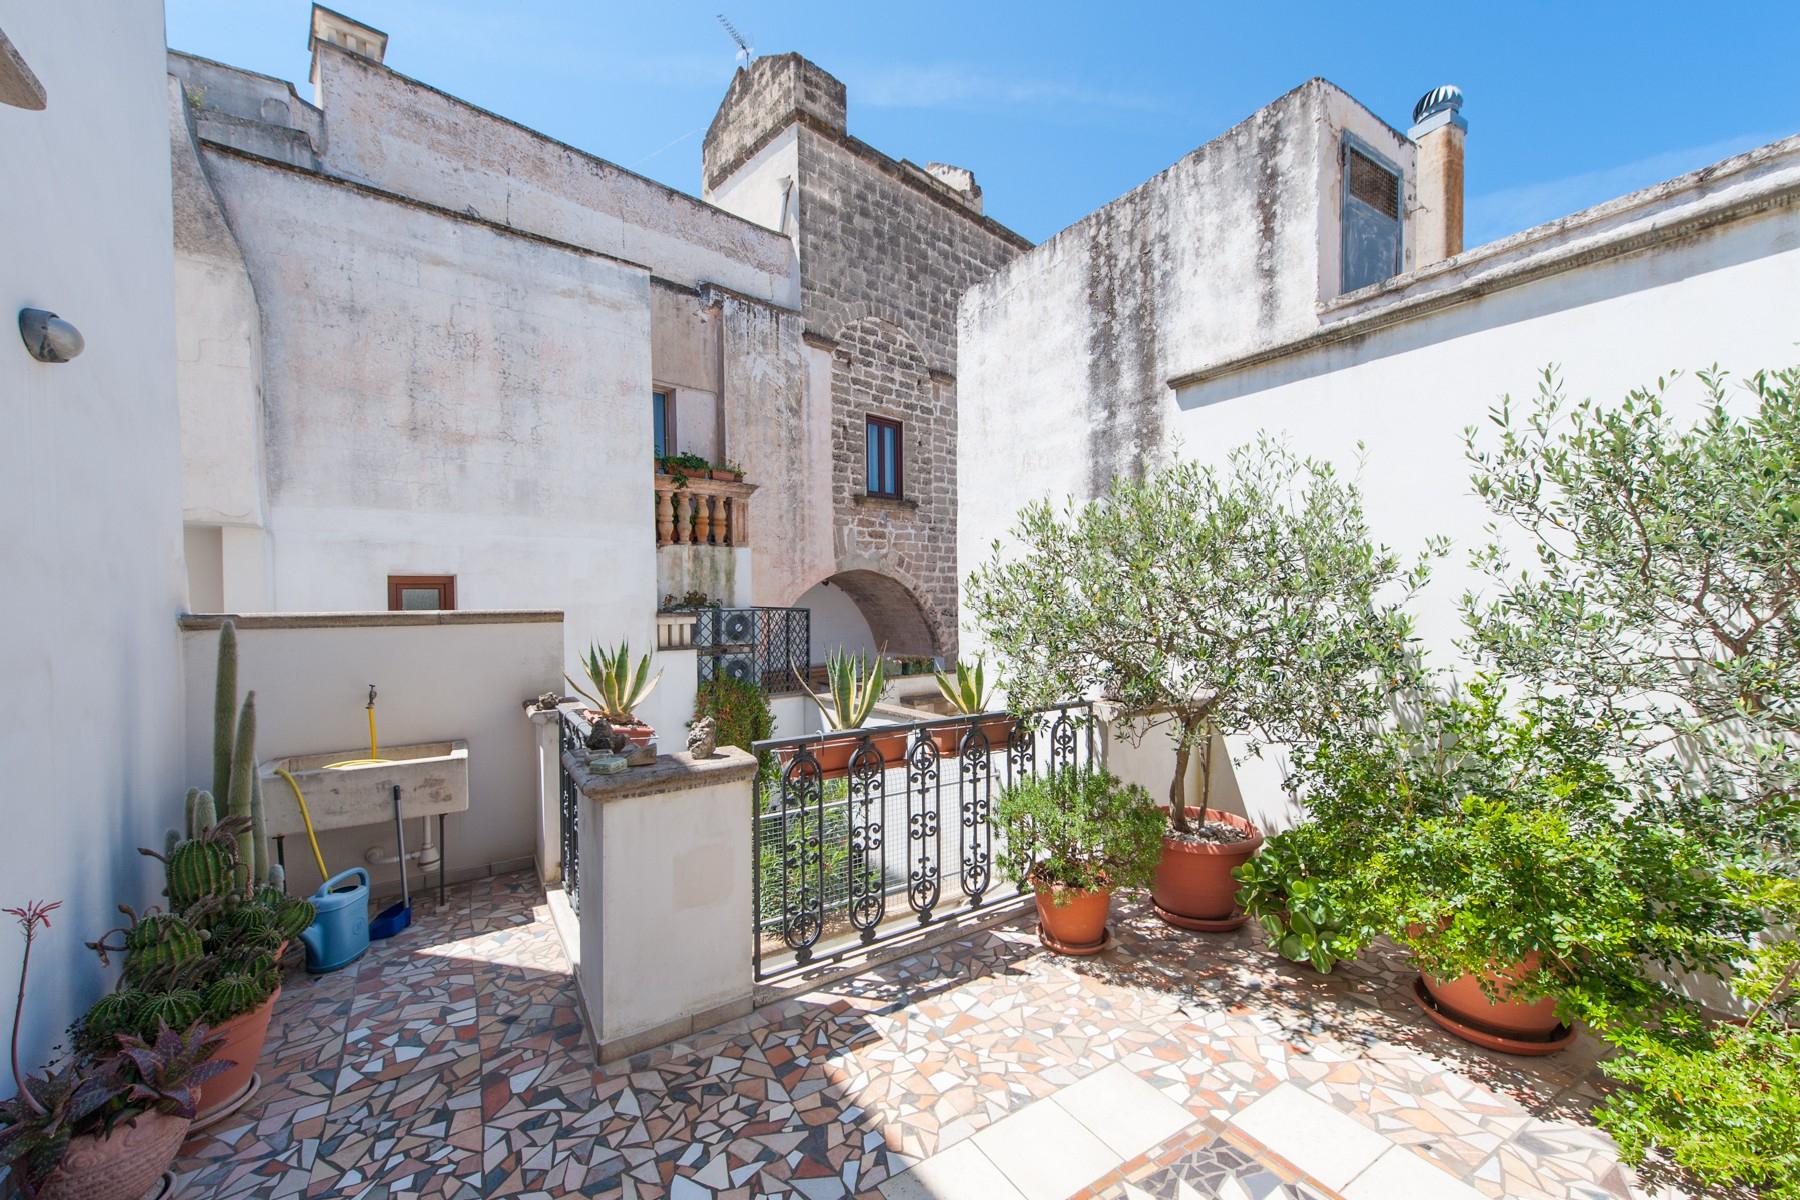 Palazzo in Vendita a Parabita: 5 locali, 450 mq - Foto 12